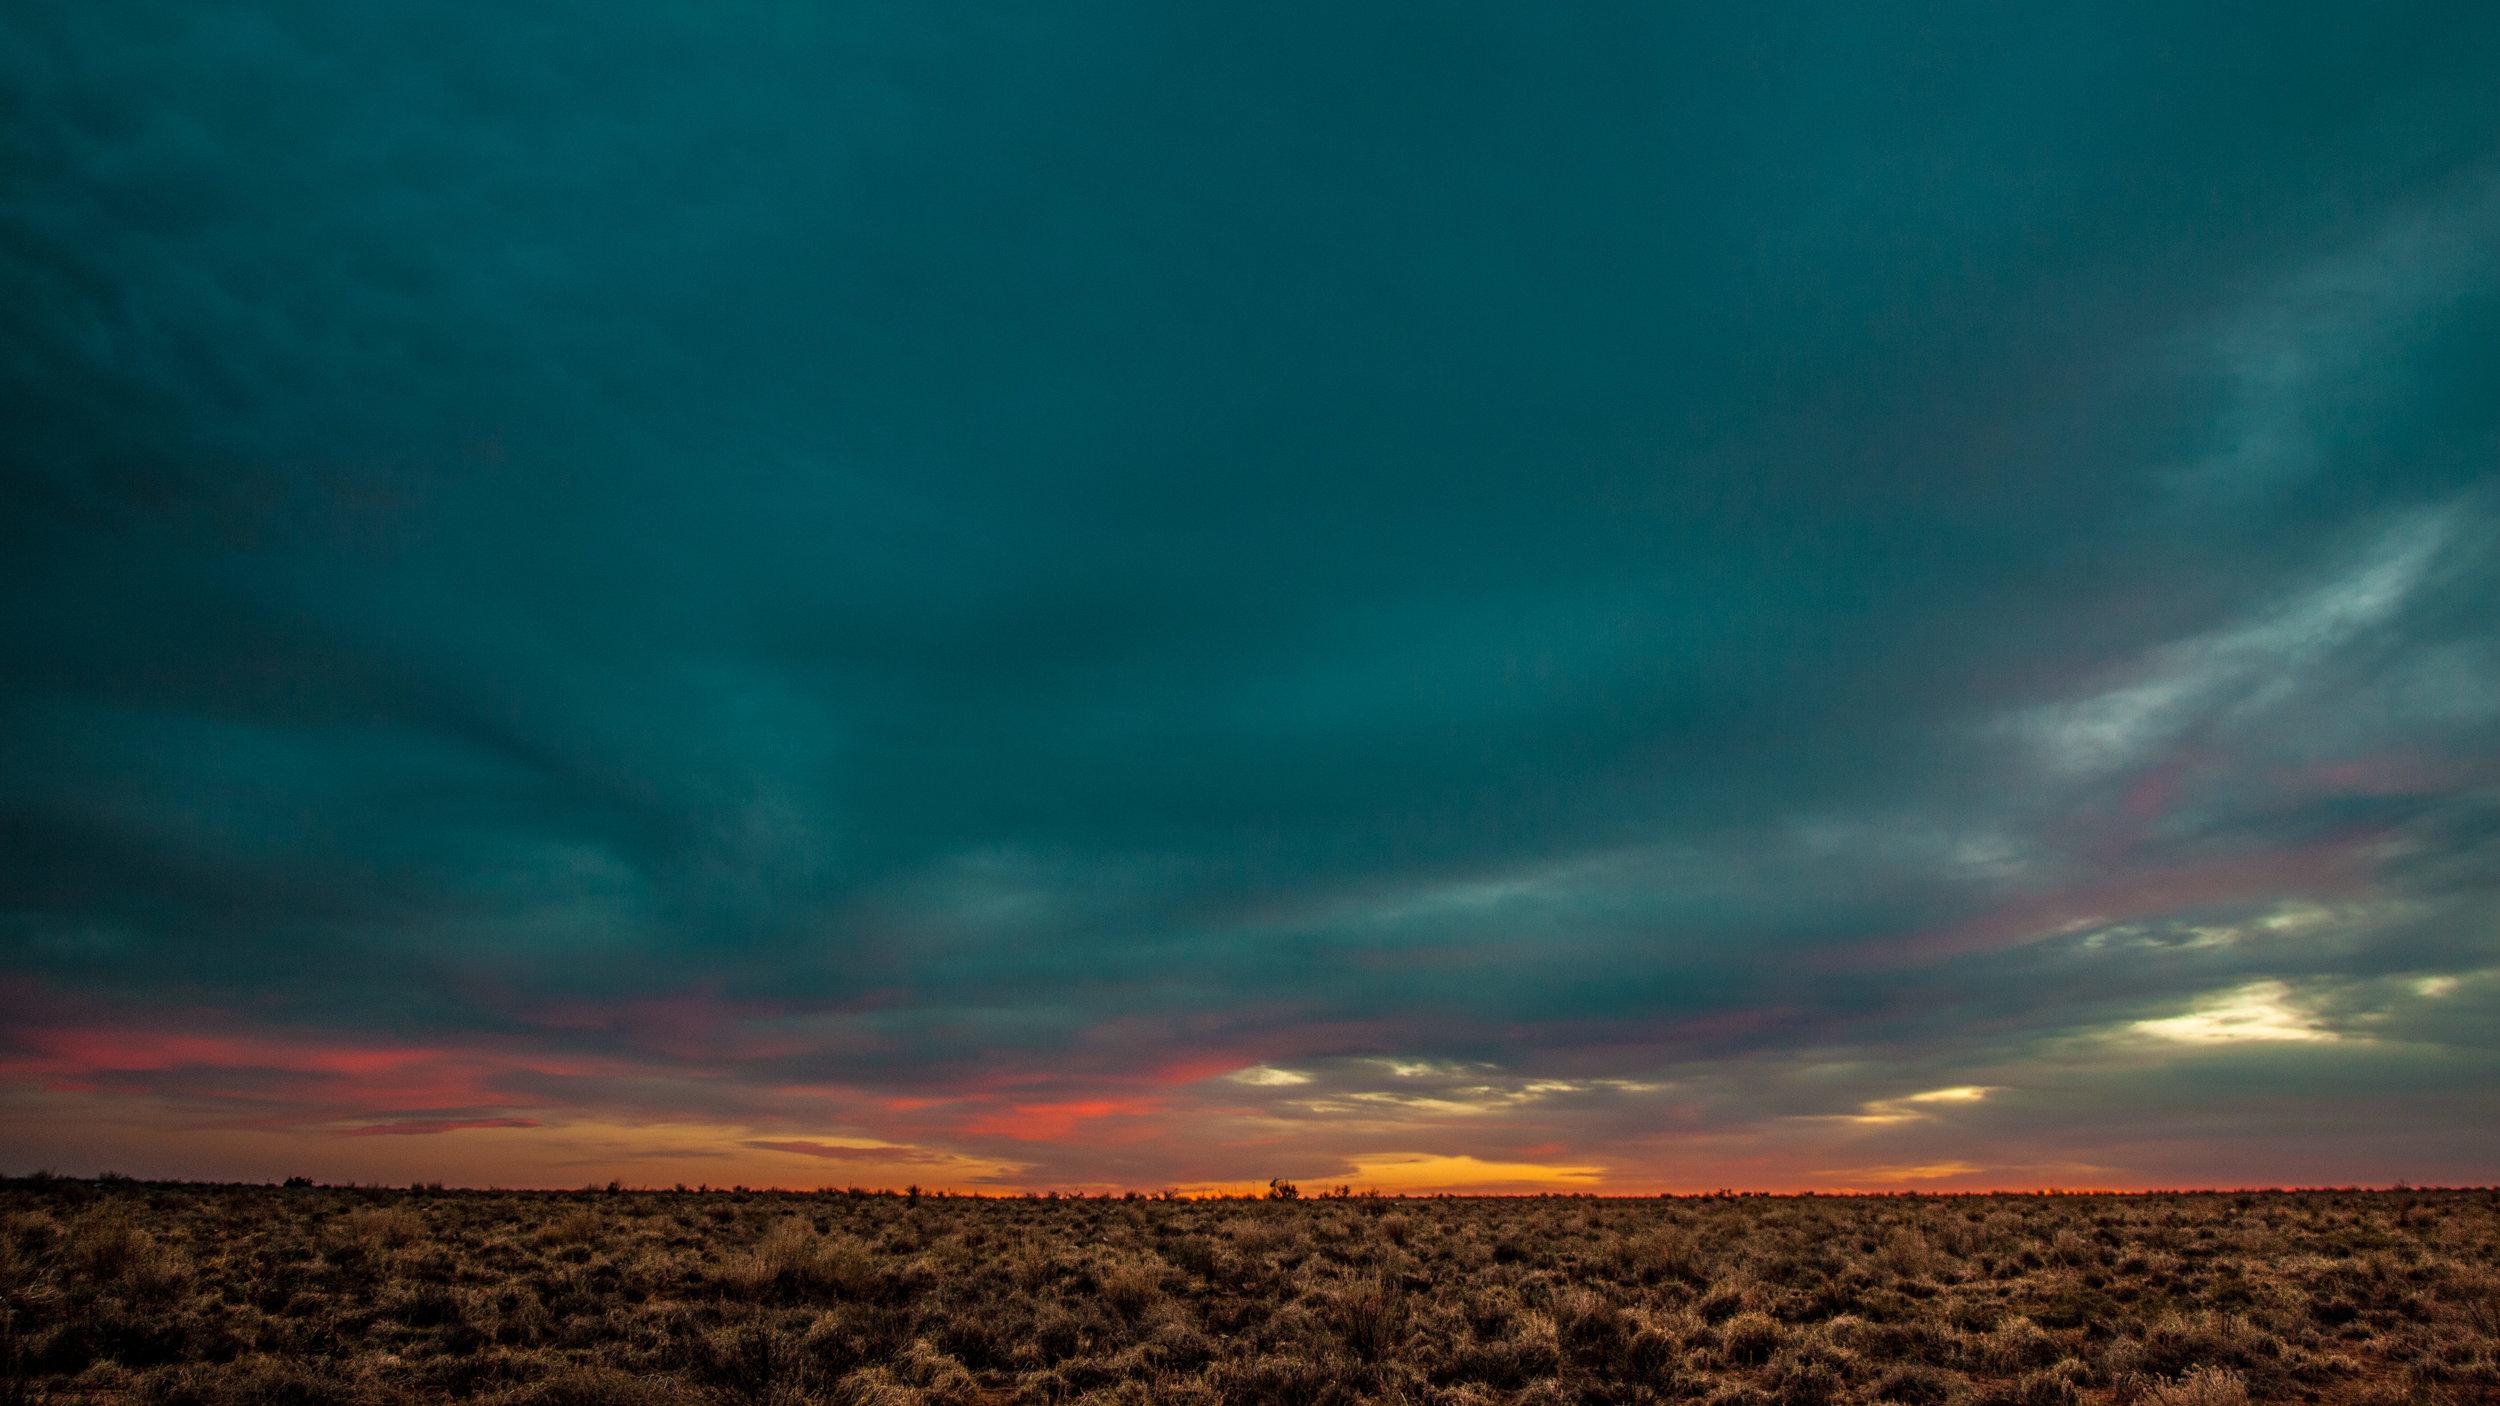 ABQ Desert Sunset Colorful.jpg